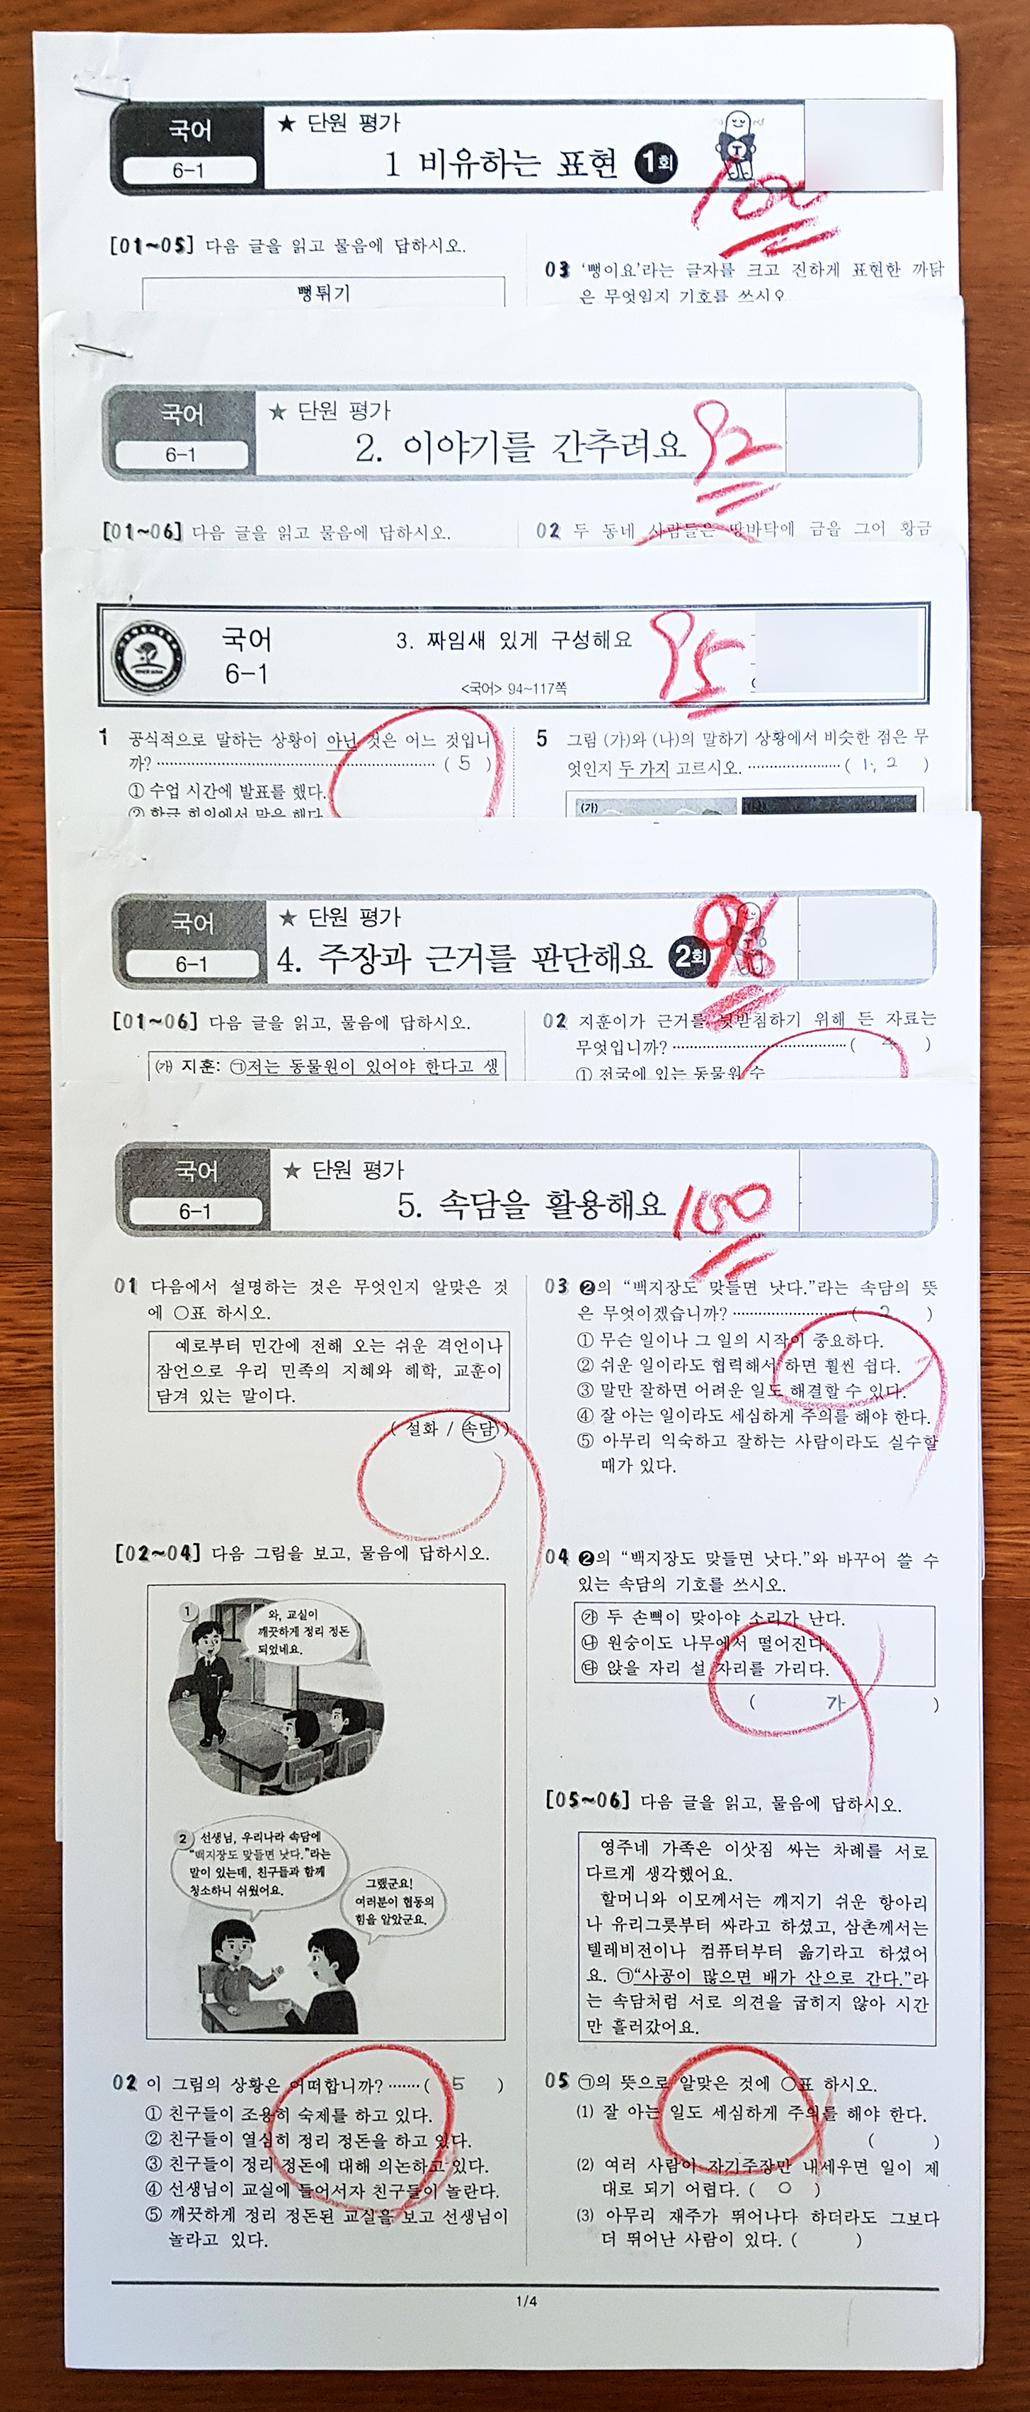 초등 6-1 국어단원평가 시험지.jpg